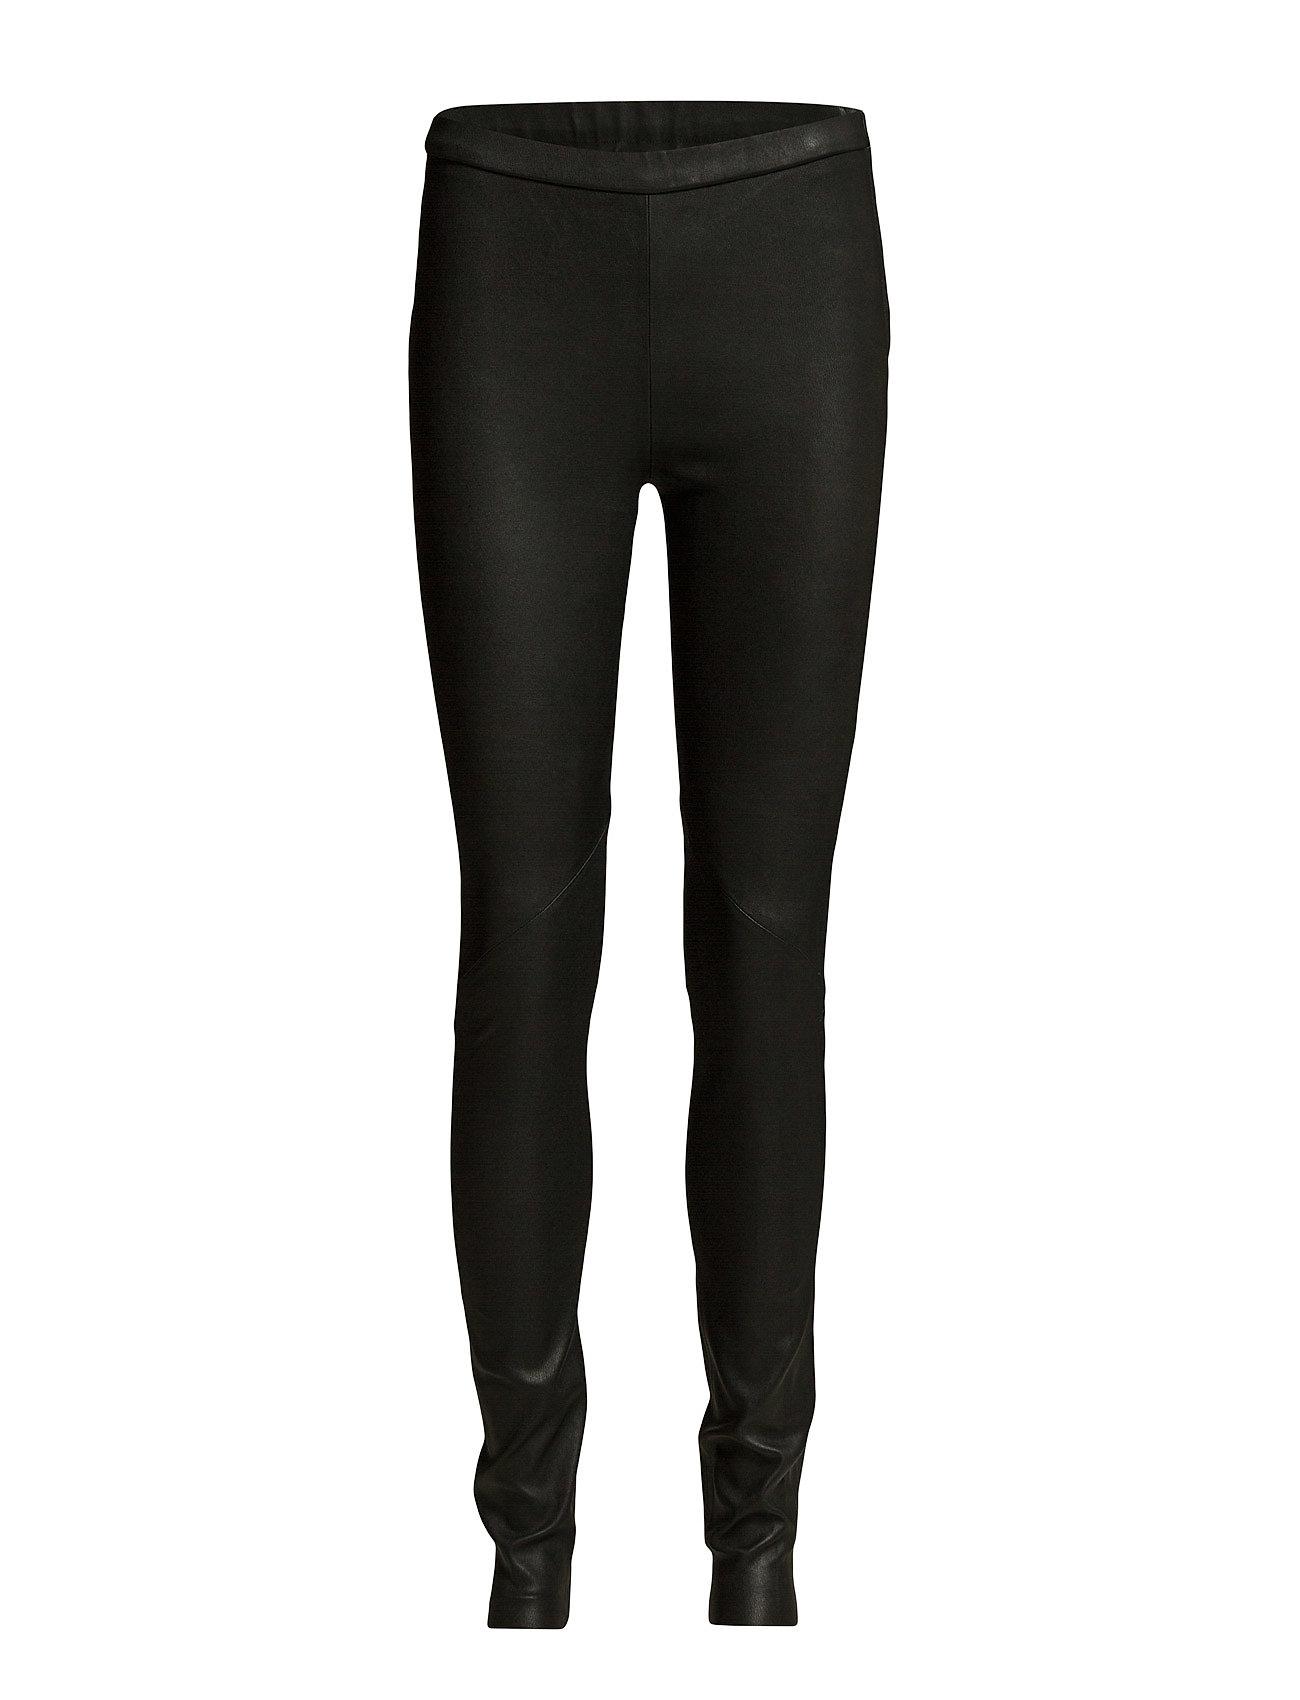 Image of Day Plongy Leather Leggings/Bukser Sort DAY BIRGER ET MIKKELSEN (2613042297)